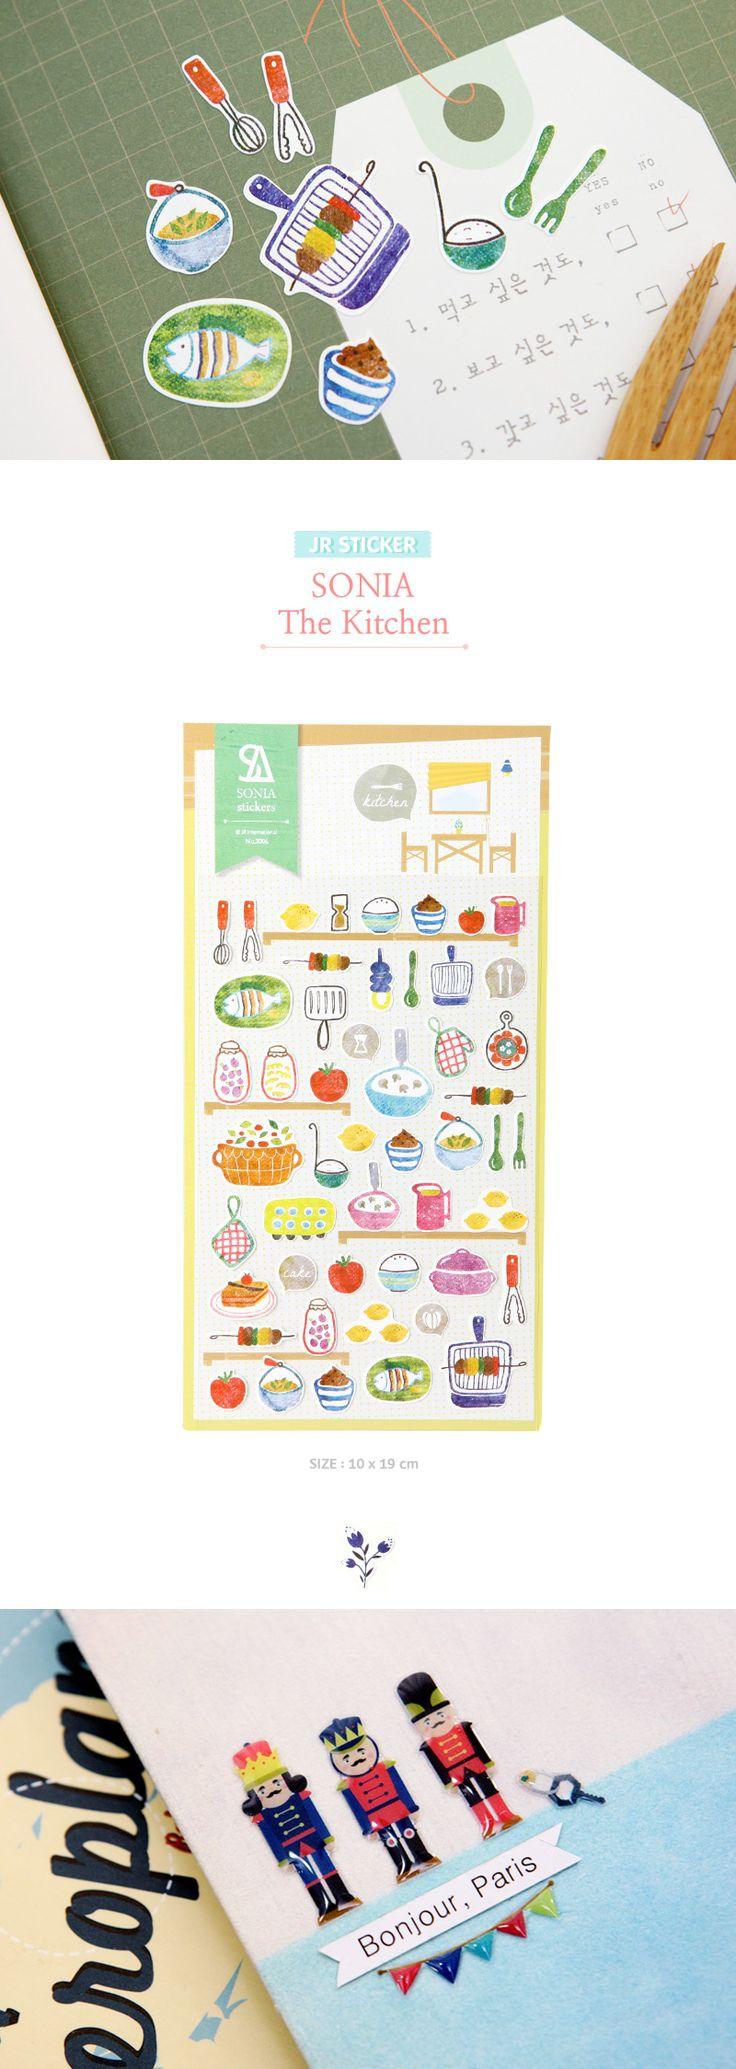 10x10 kitchen designs http artoysmx com 10x10 kitchen designs -  10x10 Jr The Kitchen 2004